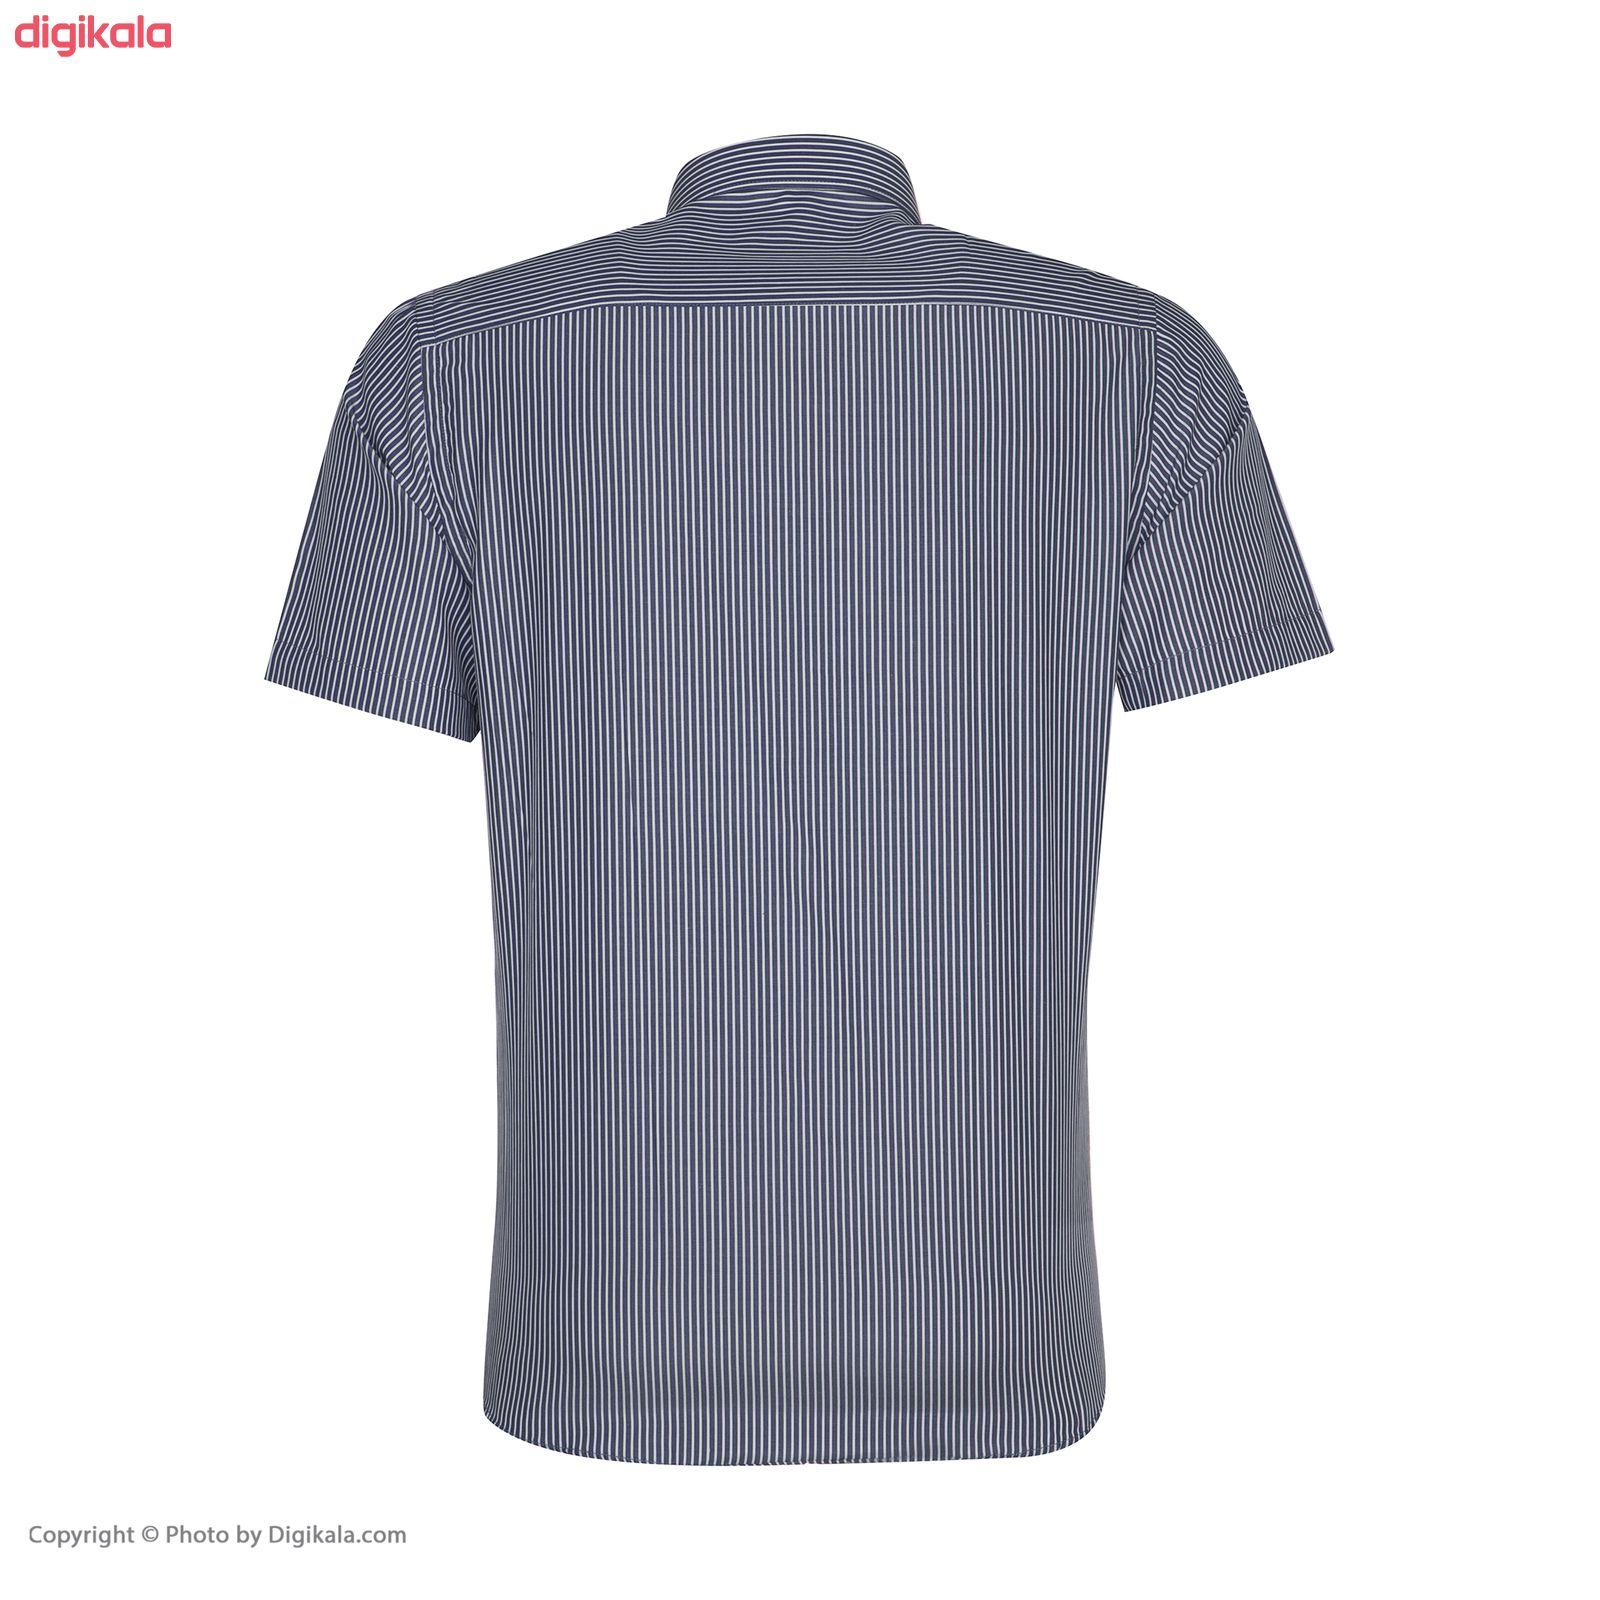 پیراهن آستین کوتاه مردانه مدل NO.2 main 1 2